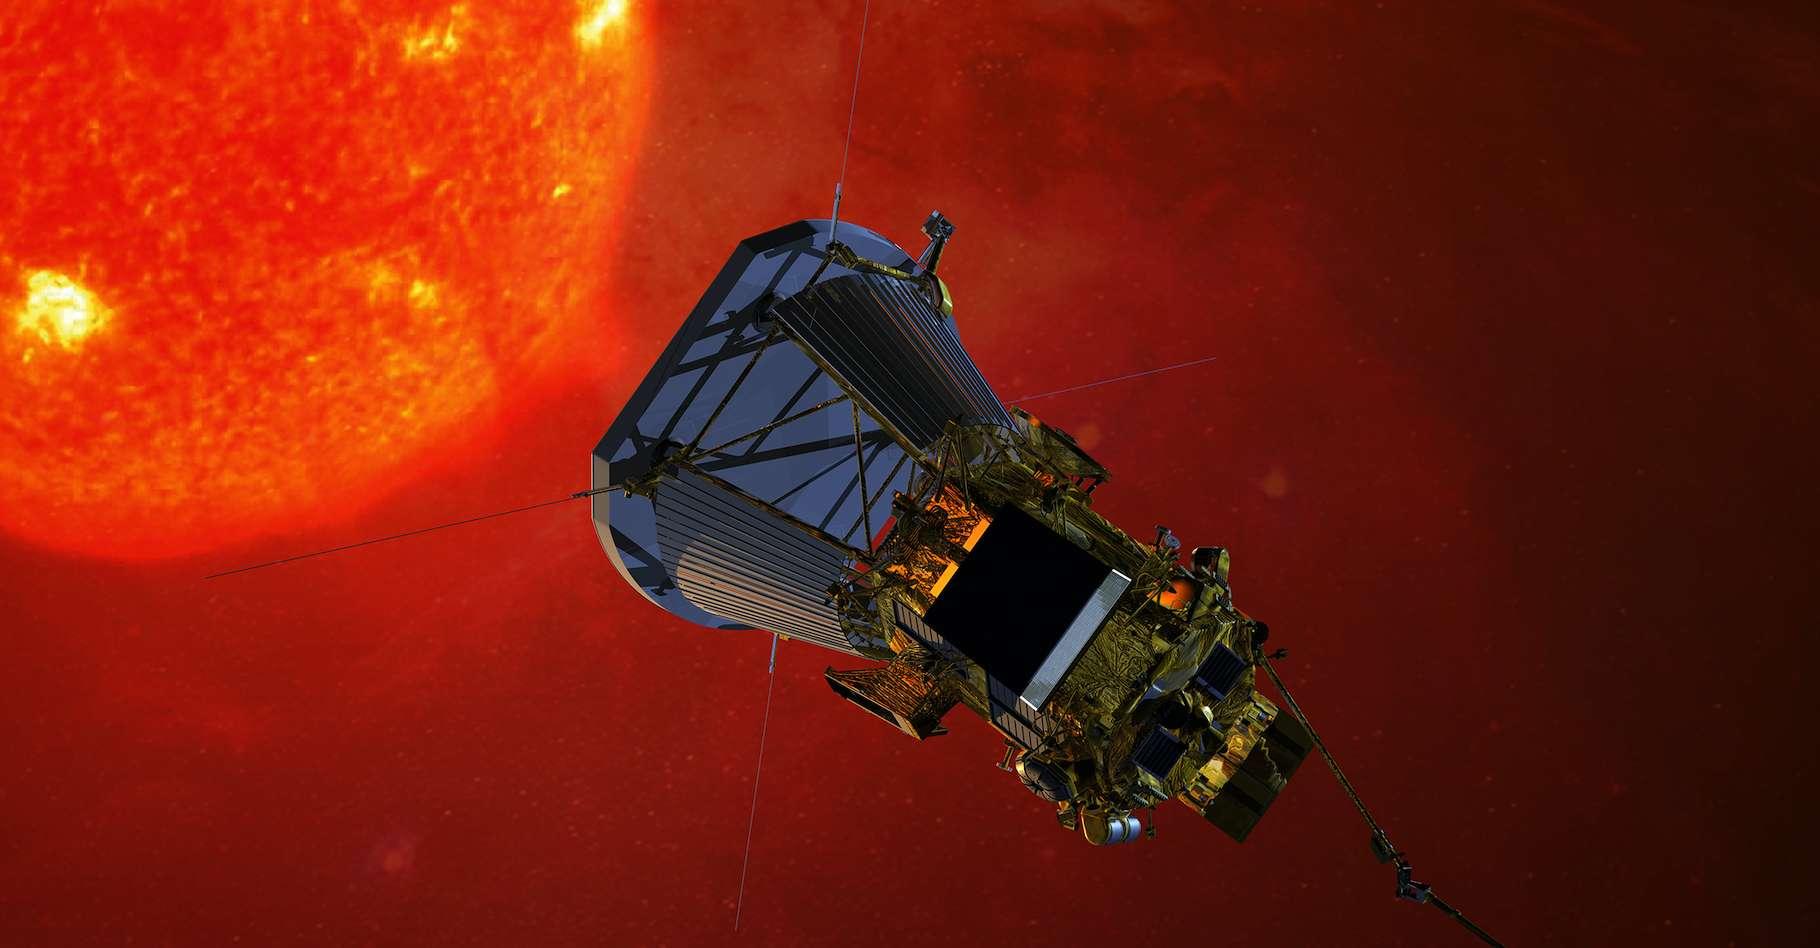 Avant la sonde Parker Solar Probe, aucun engin spatial ne s'était approché à moins de 43 millions de kilomètres du Soleil. Ce record était détenu par la mission Hélios 2 (1976). © Nasa, Johns Hopkins University Applied Physics Laboratory, Wikipedia, Domaine public